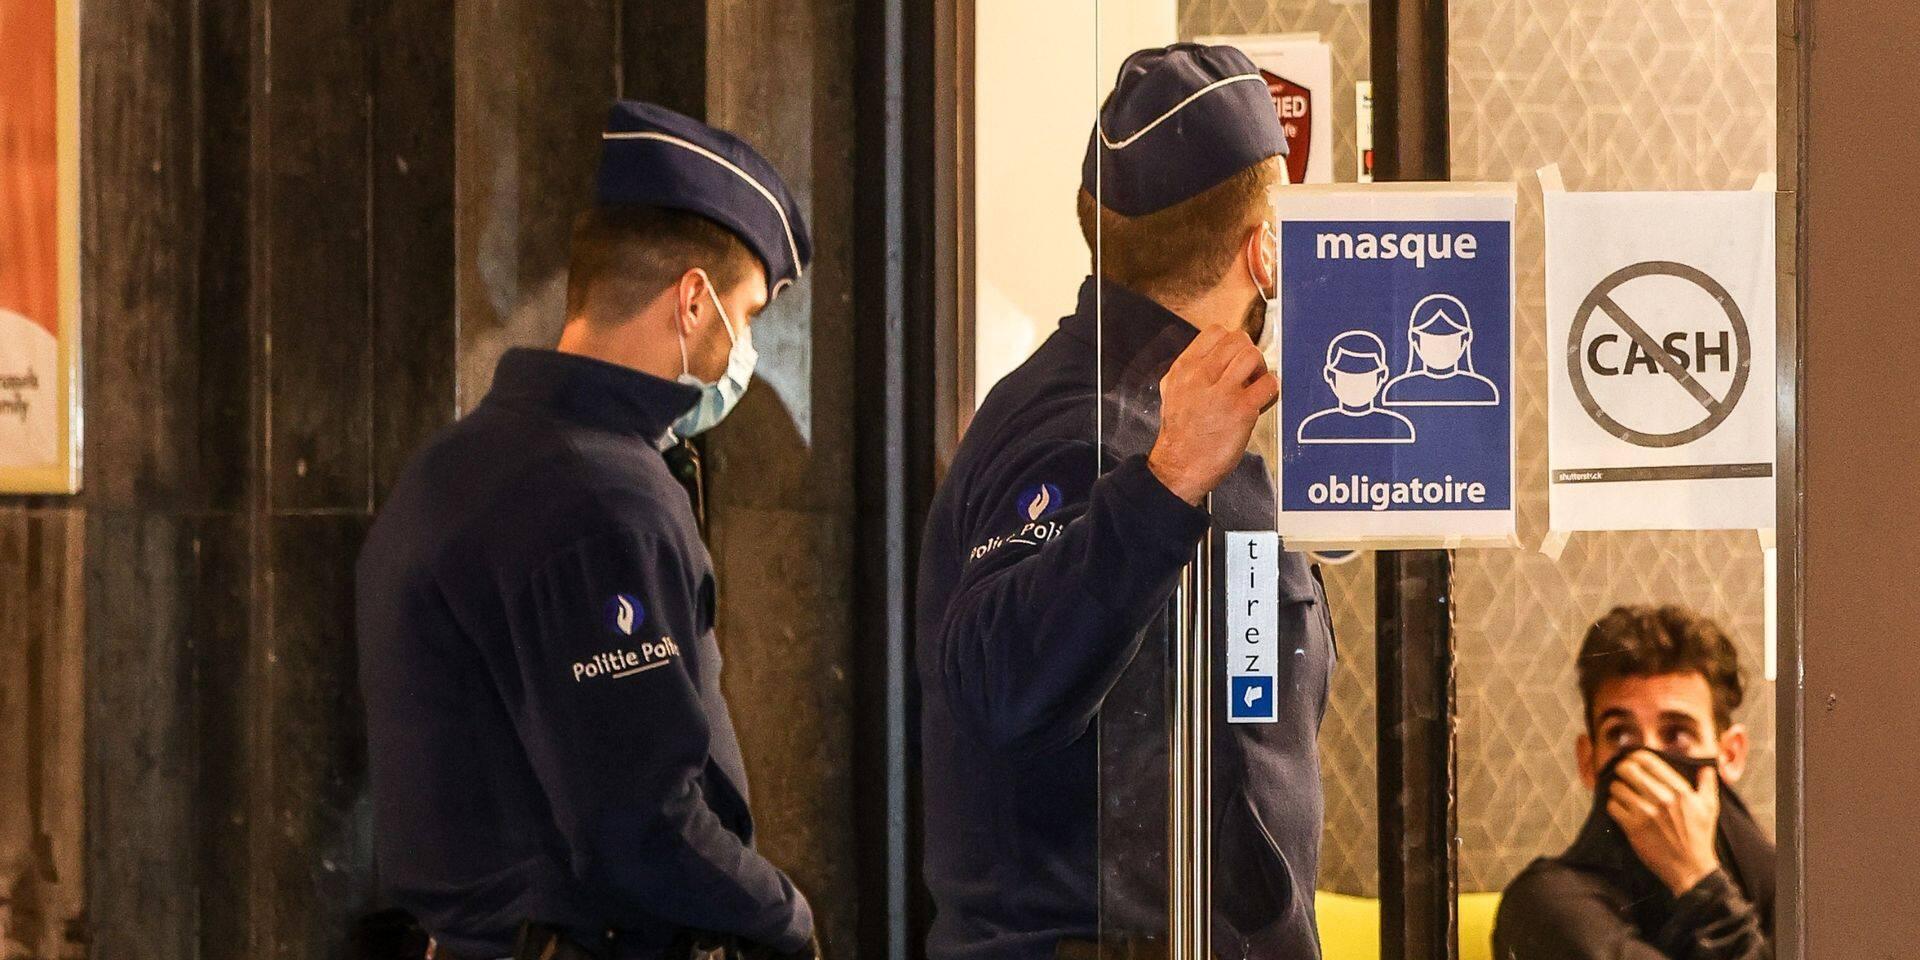 Un policier blessé lors d'une intervention auprès d'un homme ne portant pas de masque